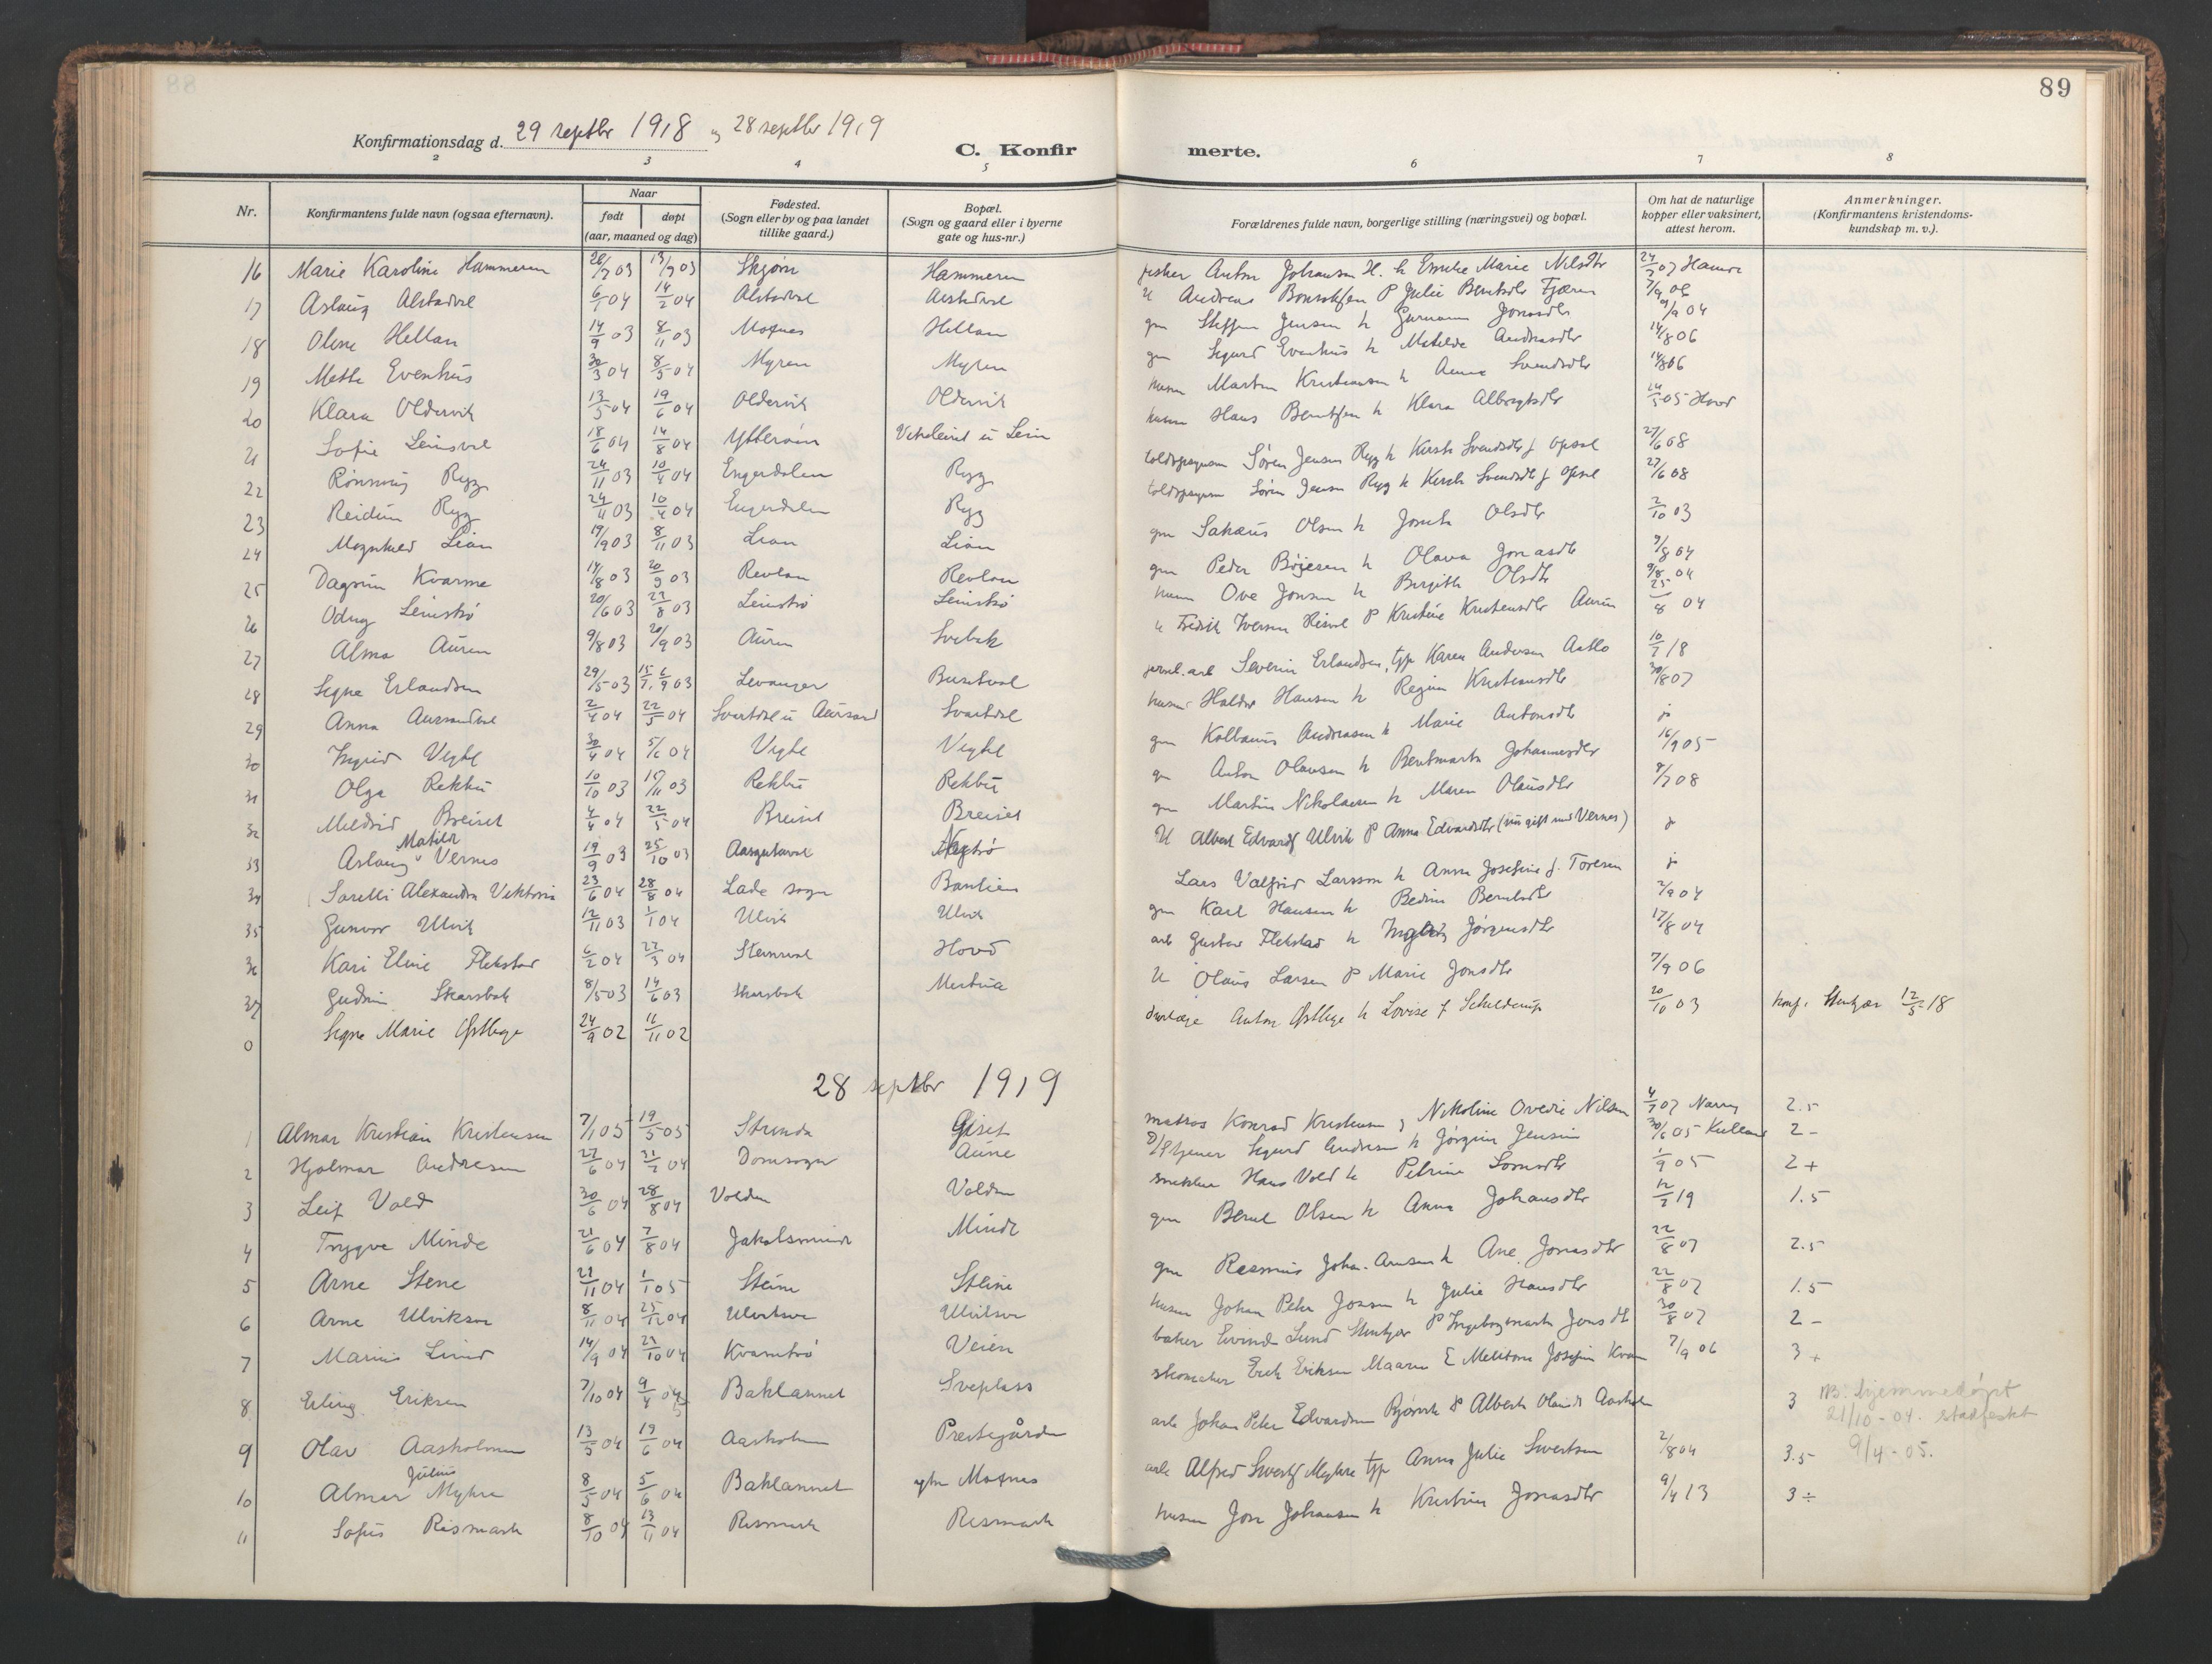 SAT, Ministerialprotokoller, klokkerbøker og fødselsregistre - Nord-Trøndelag, 713/L0123: Ministerialbok nr. 713A12, 1911-1925, s. 89